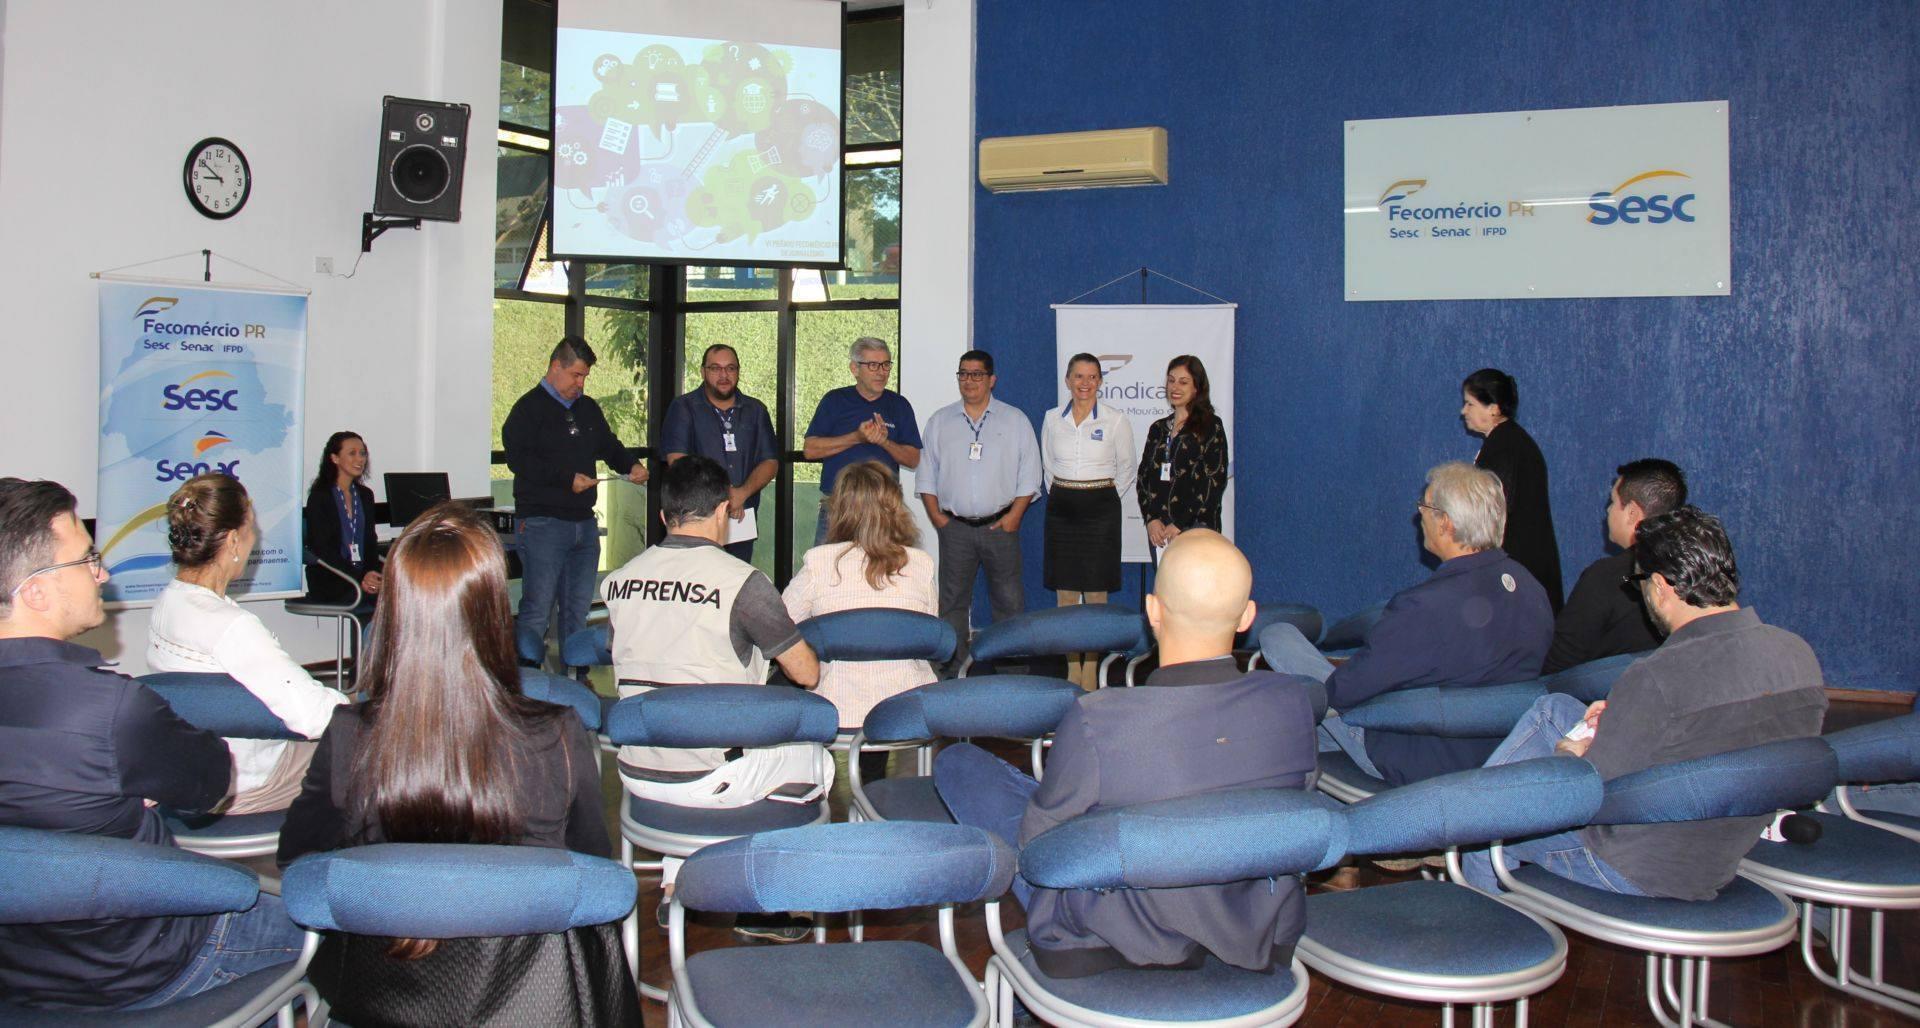 VI Prêmio Fecomércio de Jornalismo é apresentado à imprensa de CM